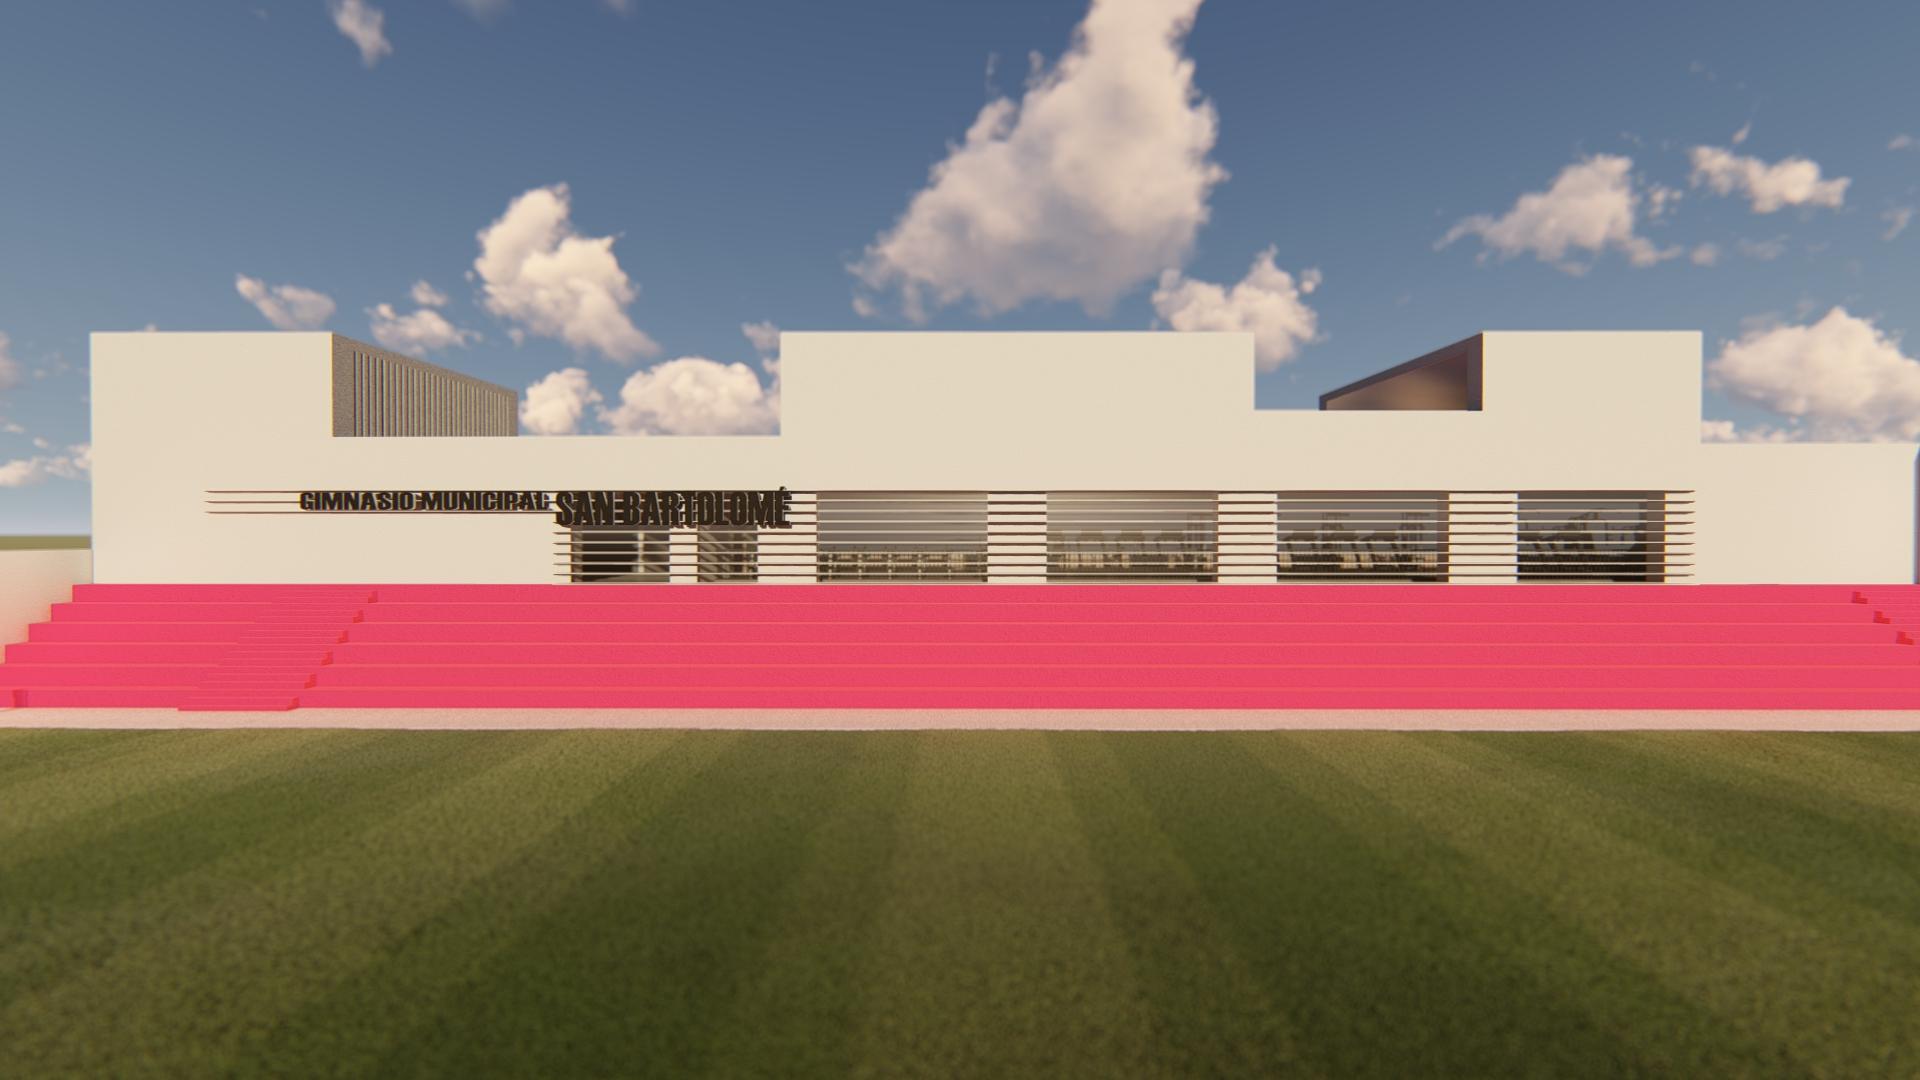 La remodelación del gimnasio municipal de San Bartolomé ya dispone de proyecto